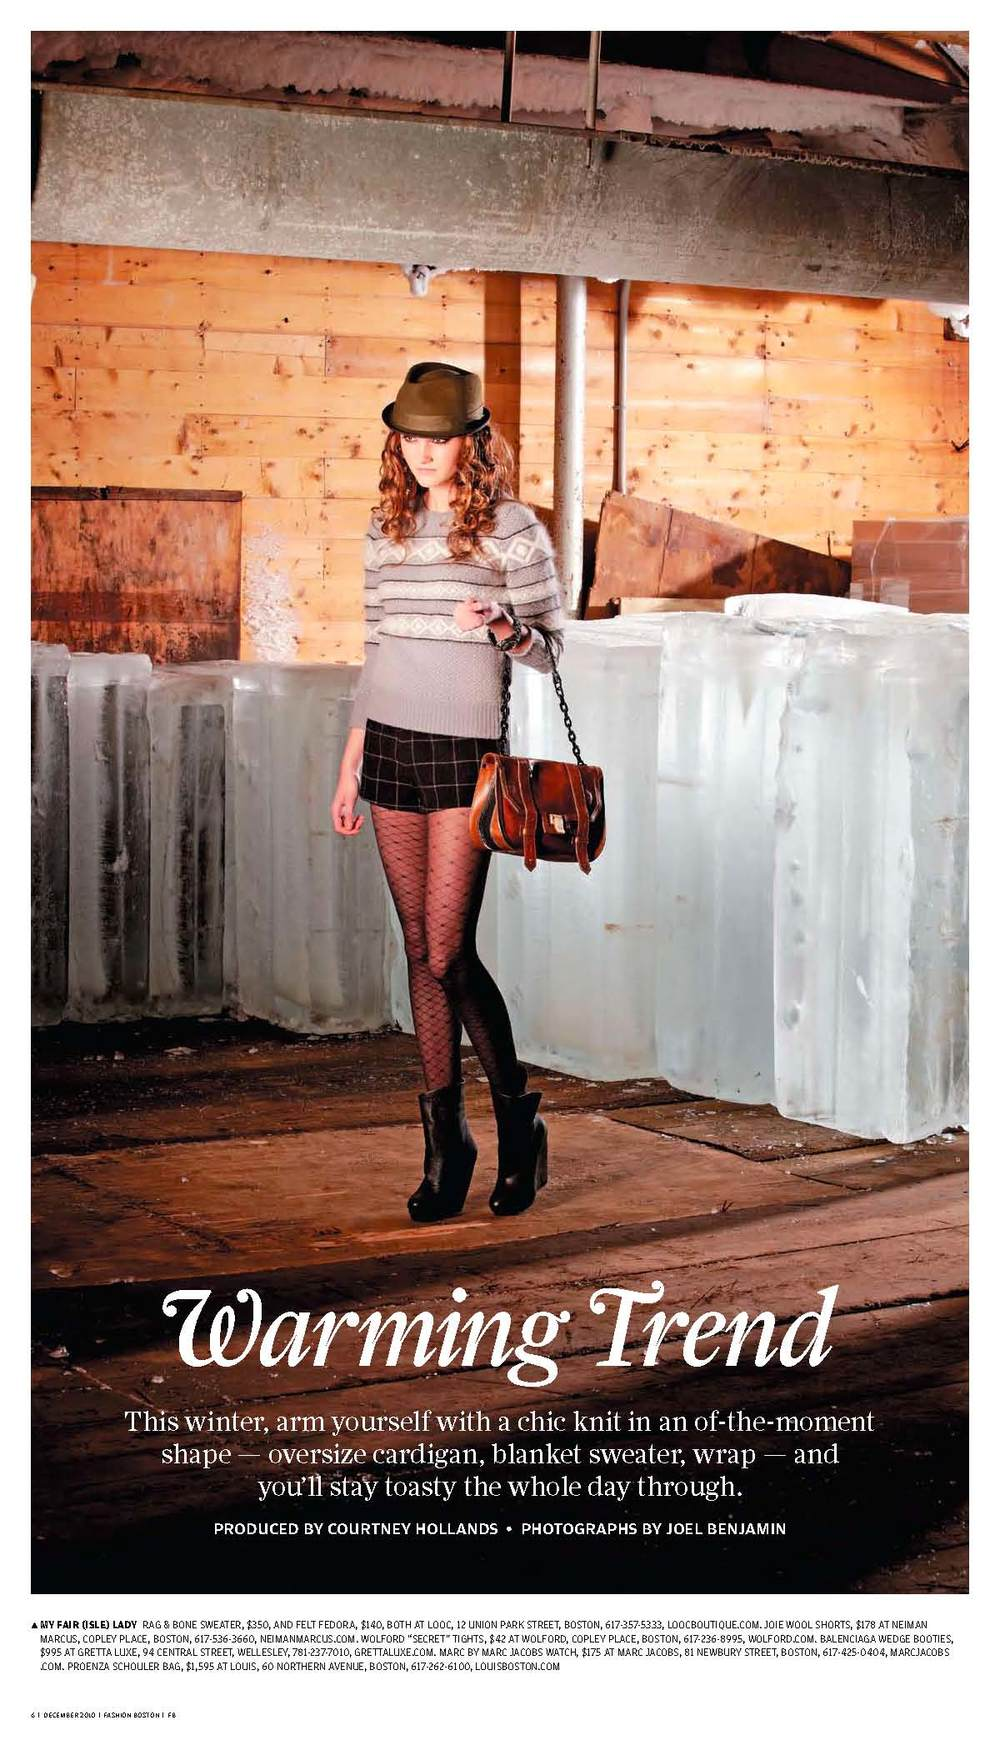 Warming Trend opener